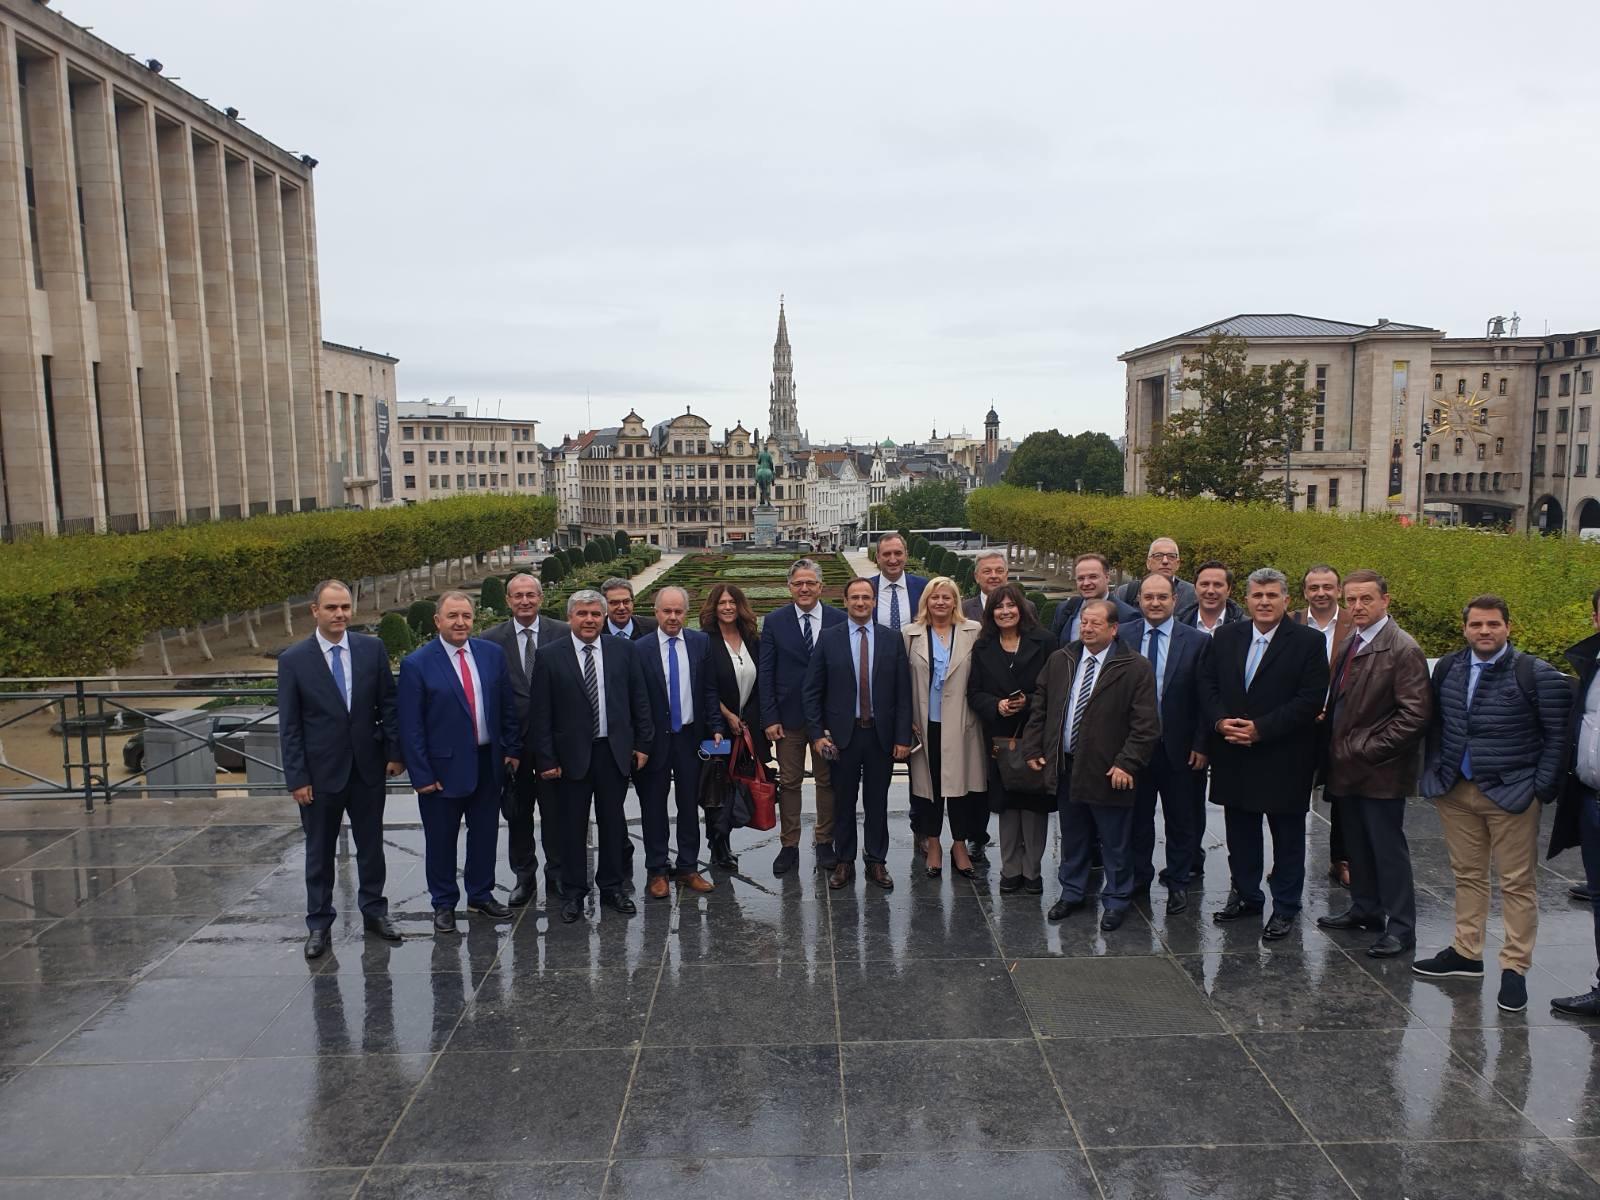 Επίσκεψη του Δημάρχου Τυρνάβου στις Βρυξέλλες